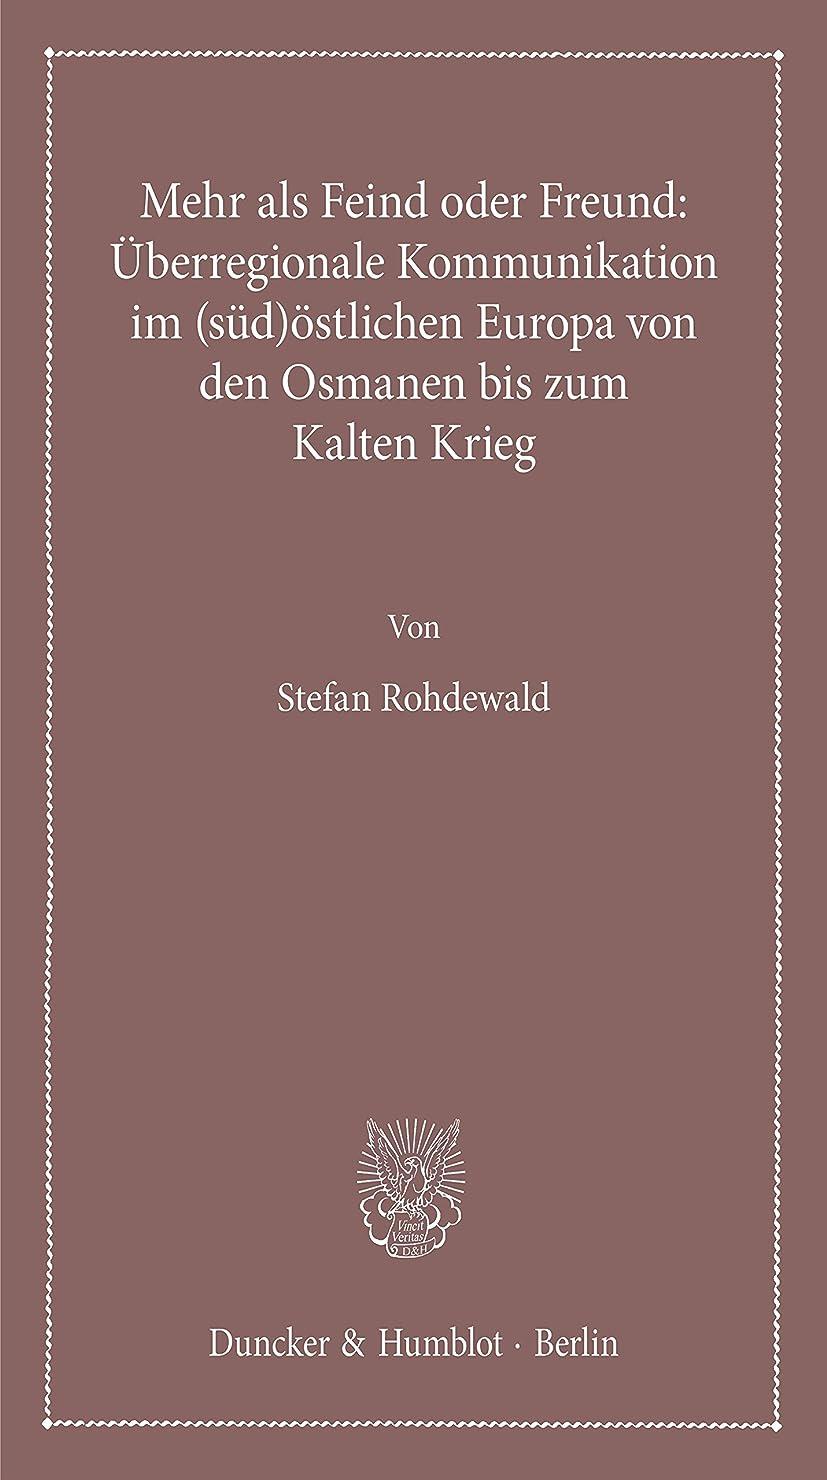 ましいめ言葉申し立てられたMehr als Feind oder Freund: überregionale Kommunikation im (süd)?stlichen Europa von den Osmanen bis zum Kalten Krieg. (Lectiones Inaugurales 15) (German Edition)